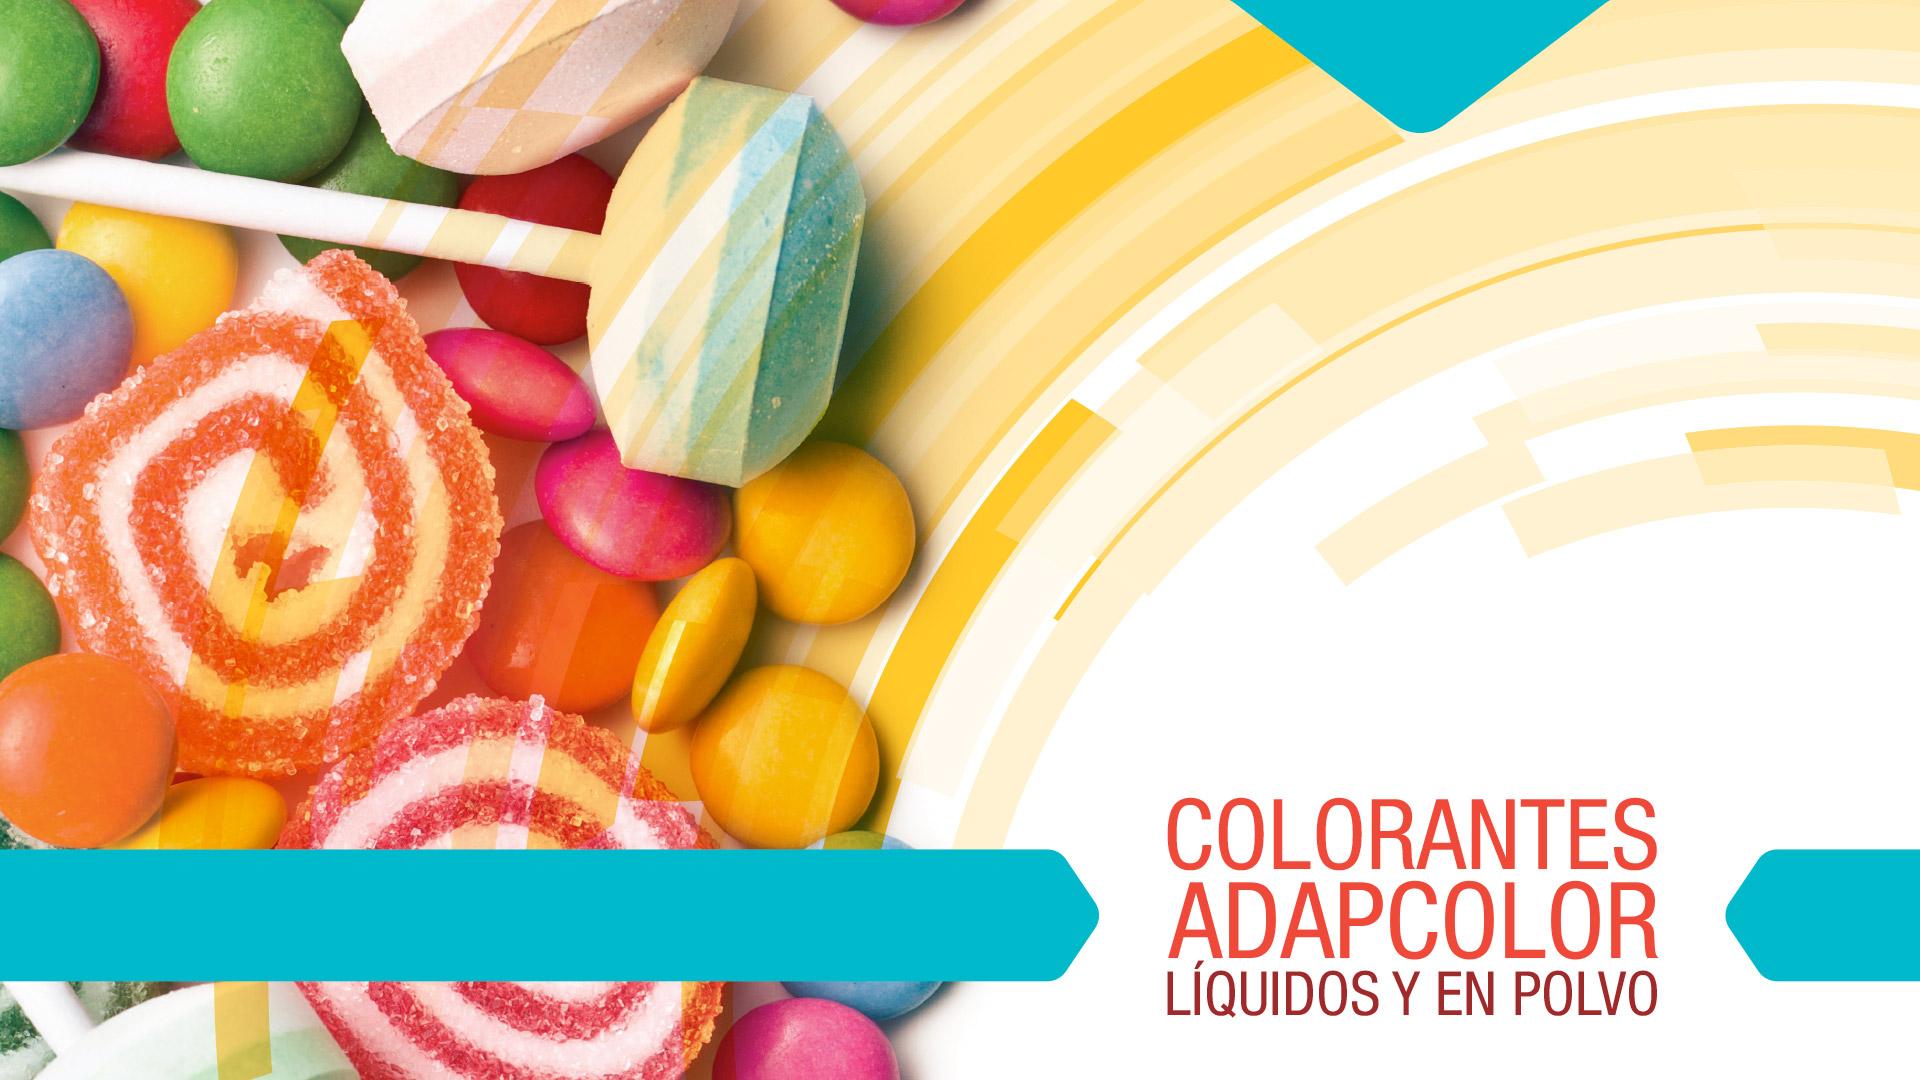 Colorantes ADAPCOLOR   Líquidos y en Polvo